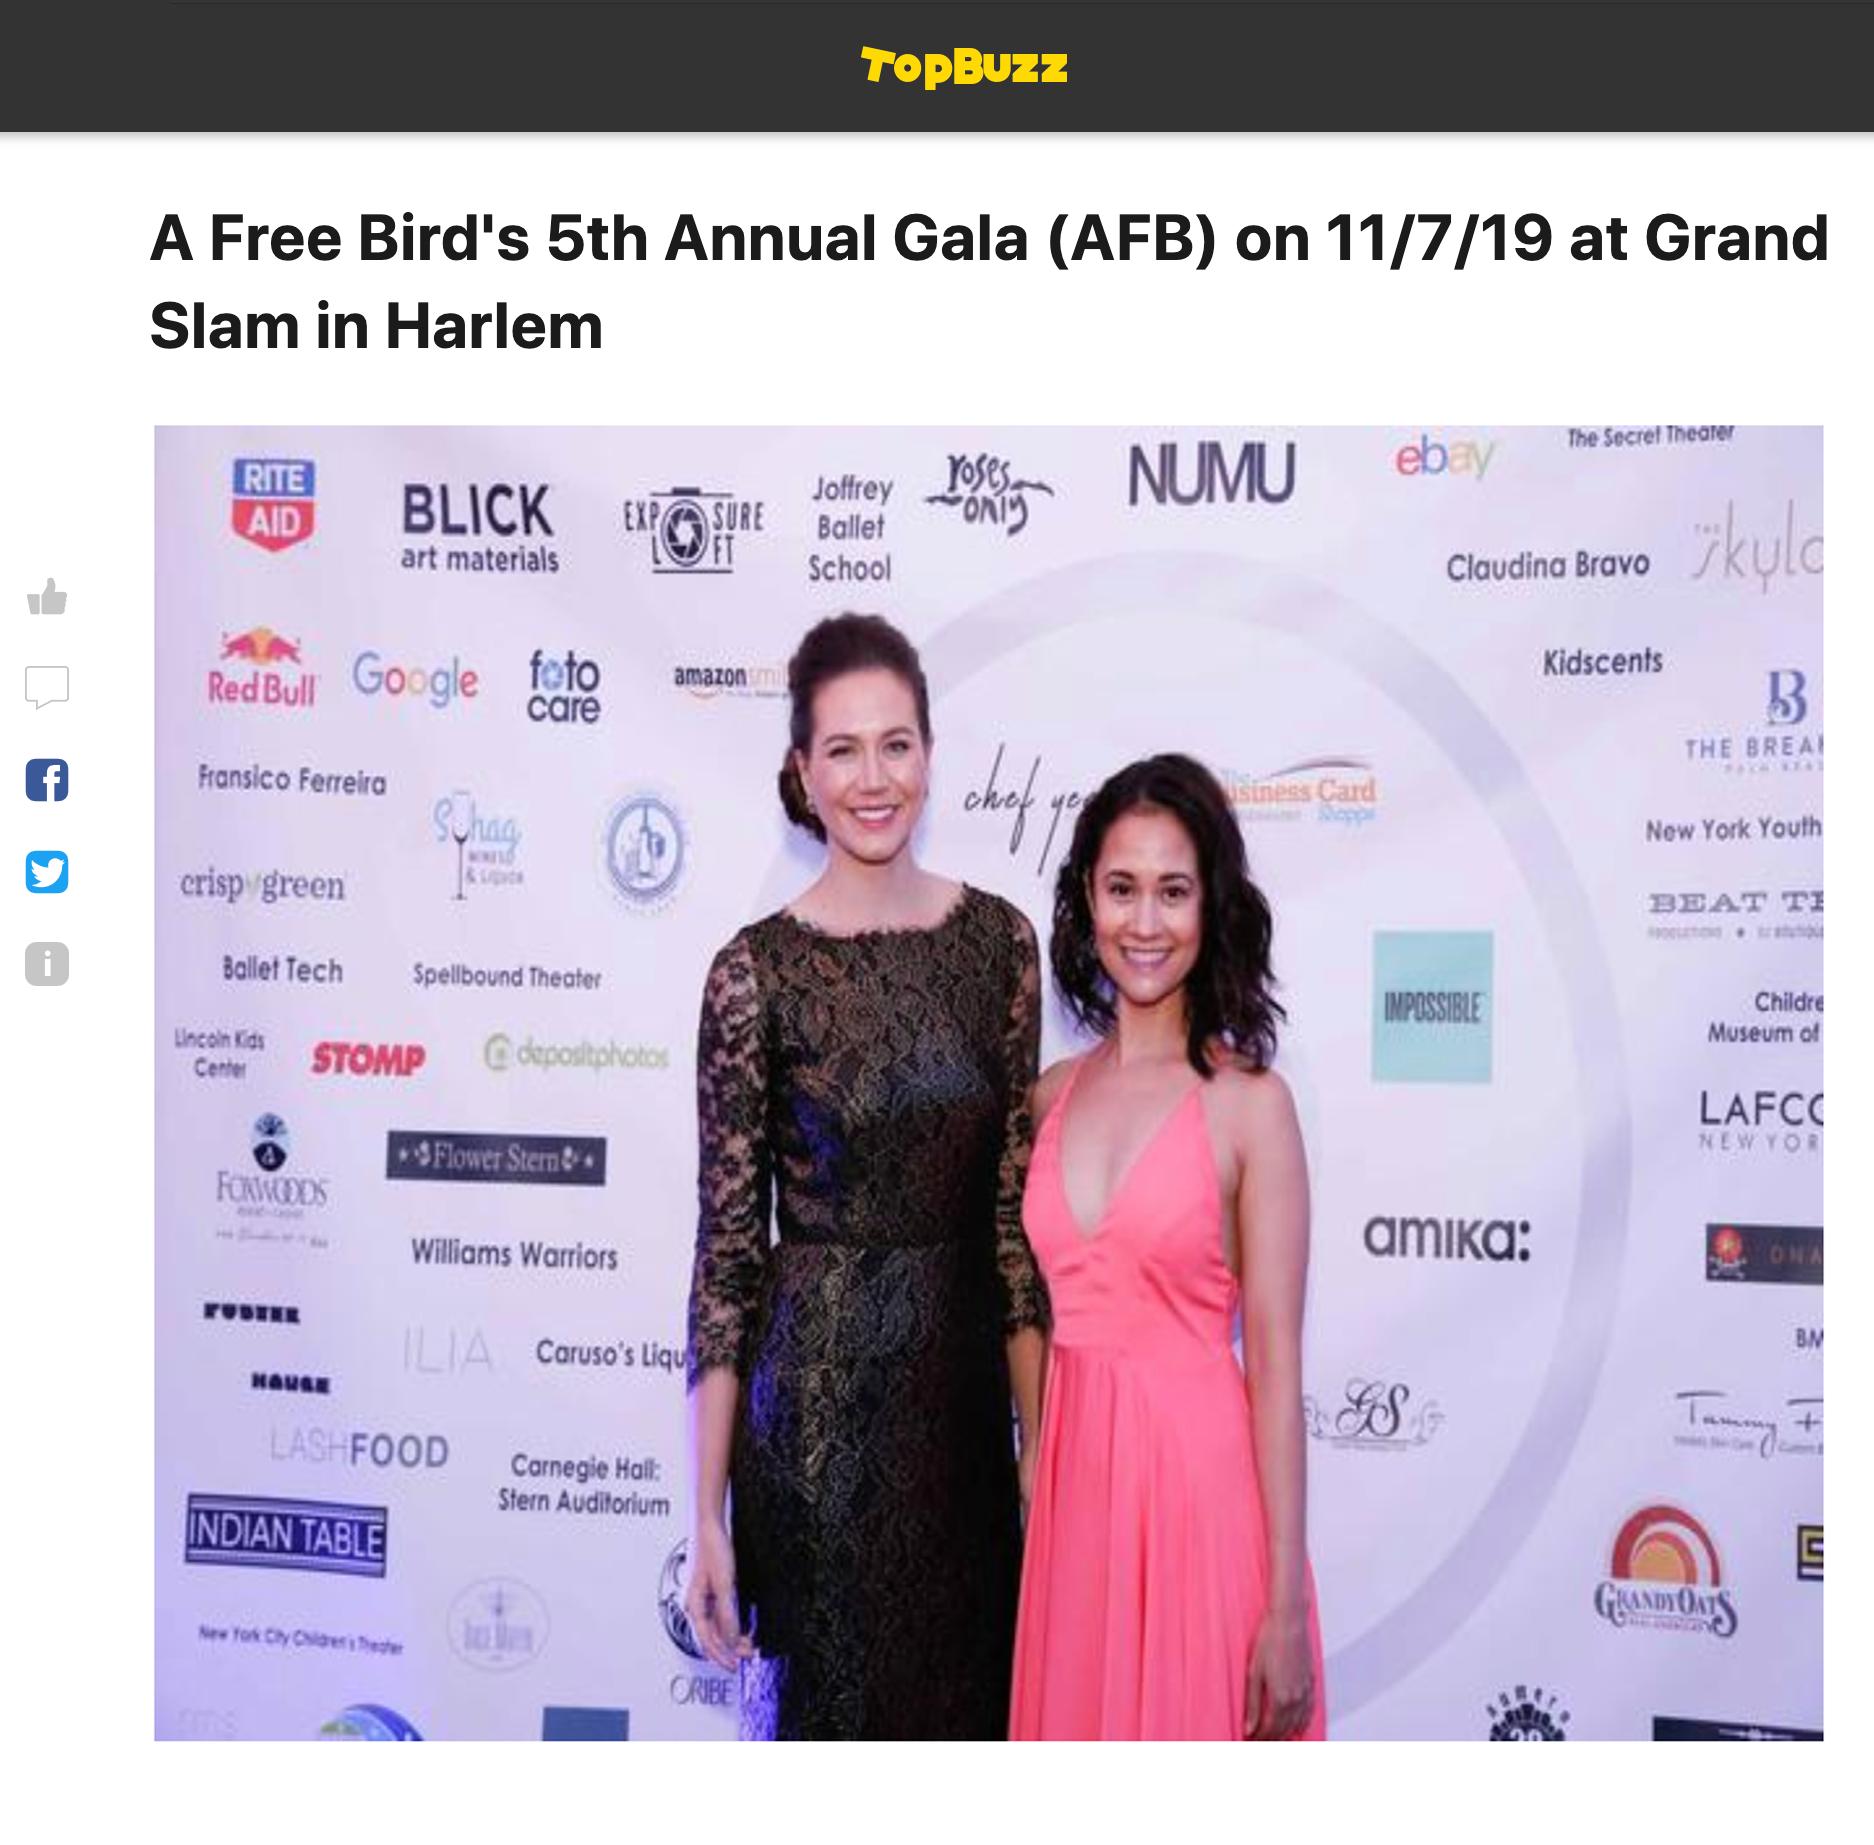 A Free Bird's 5th Annual Gala